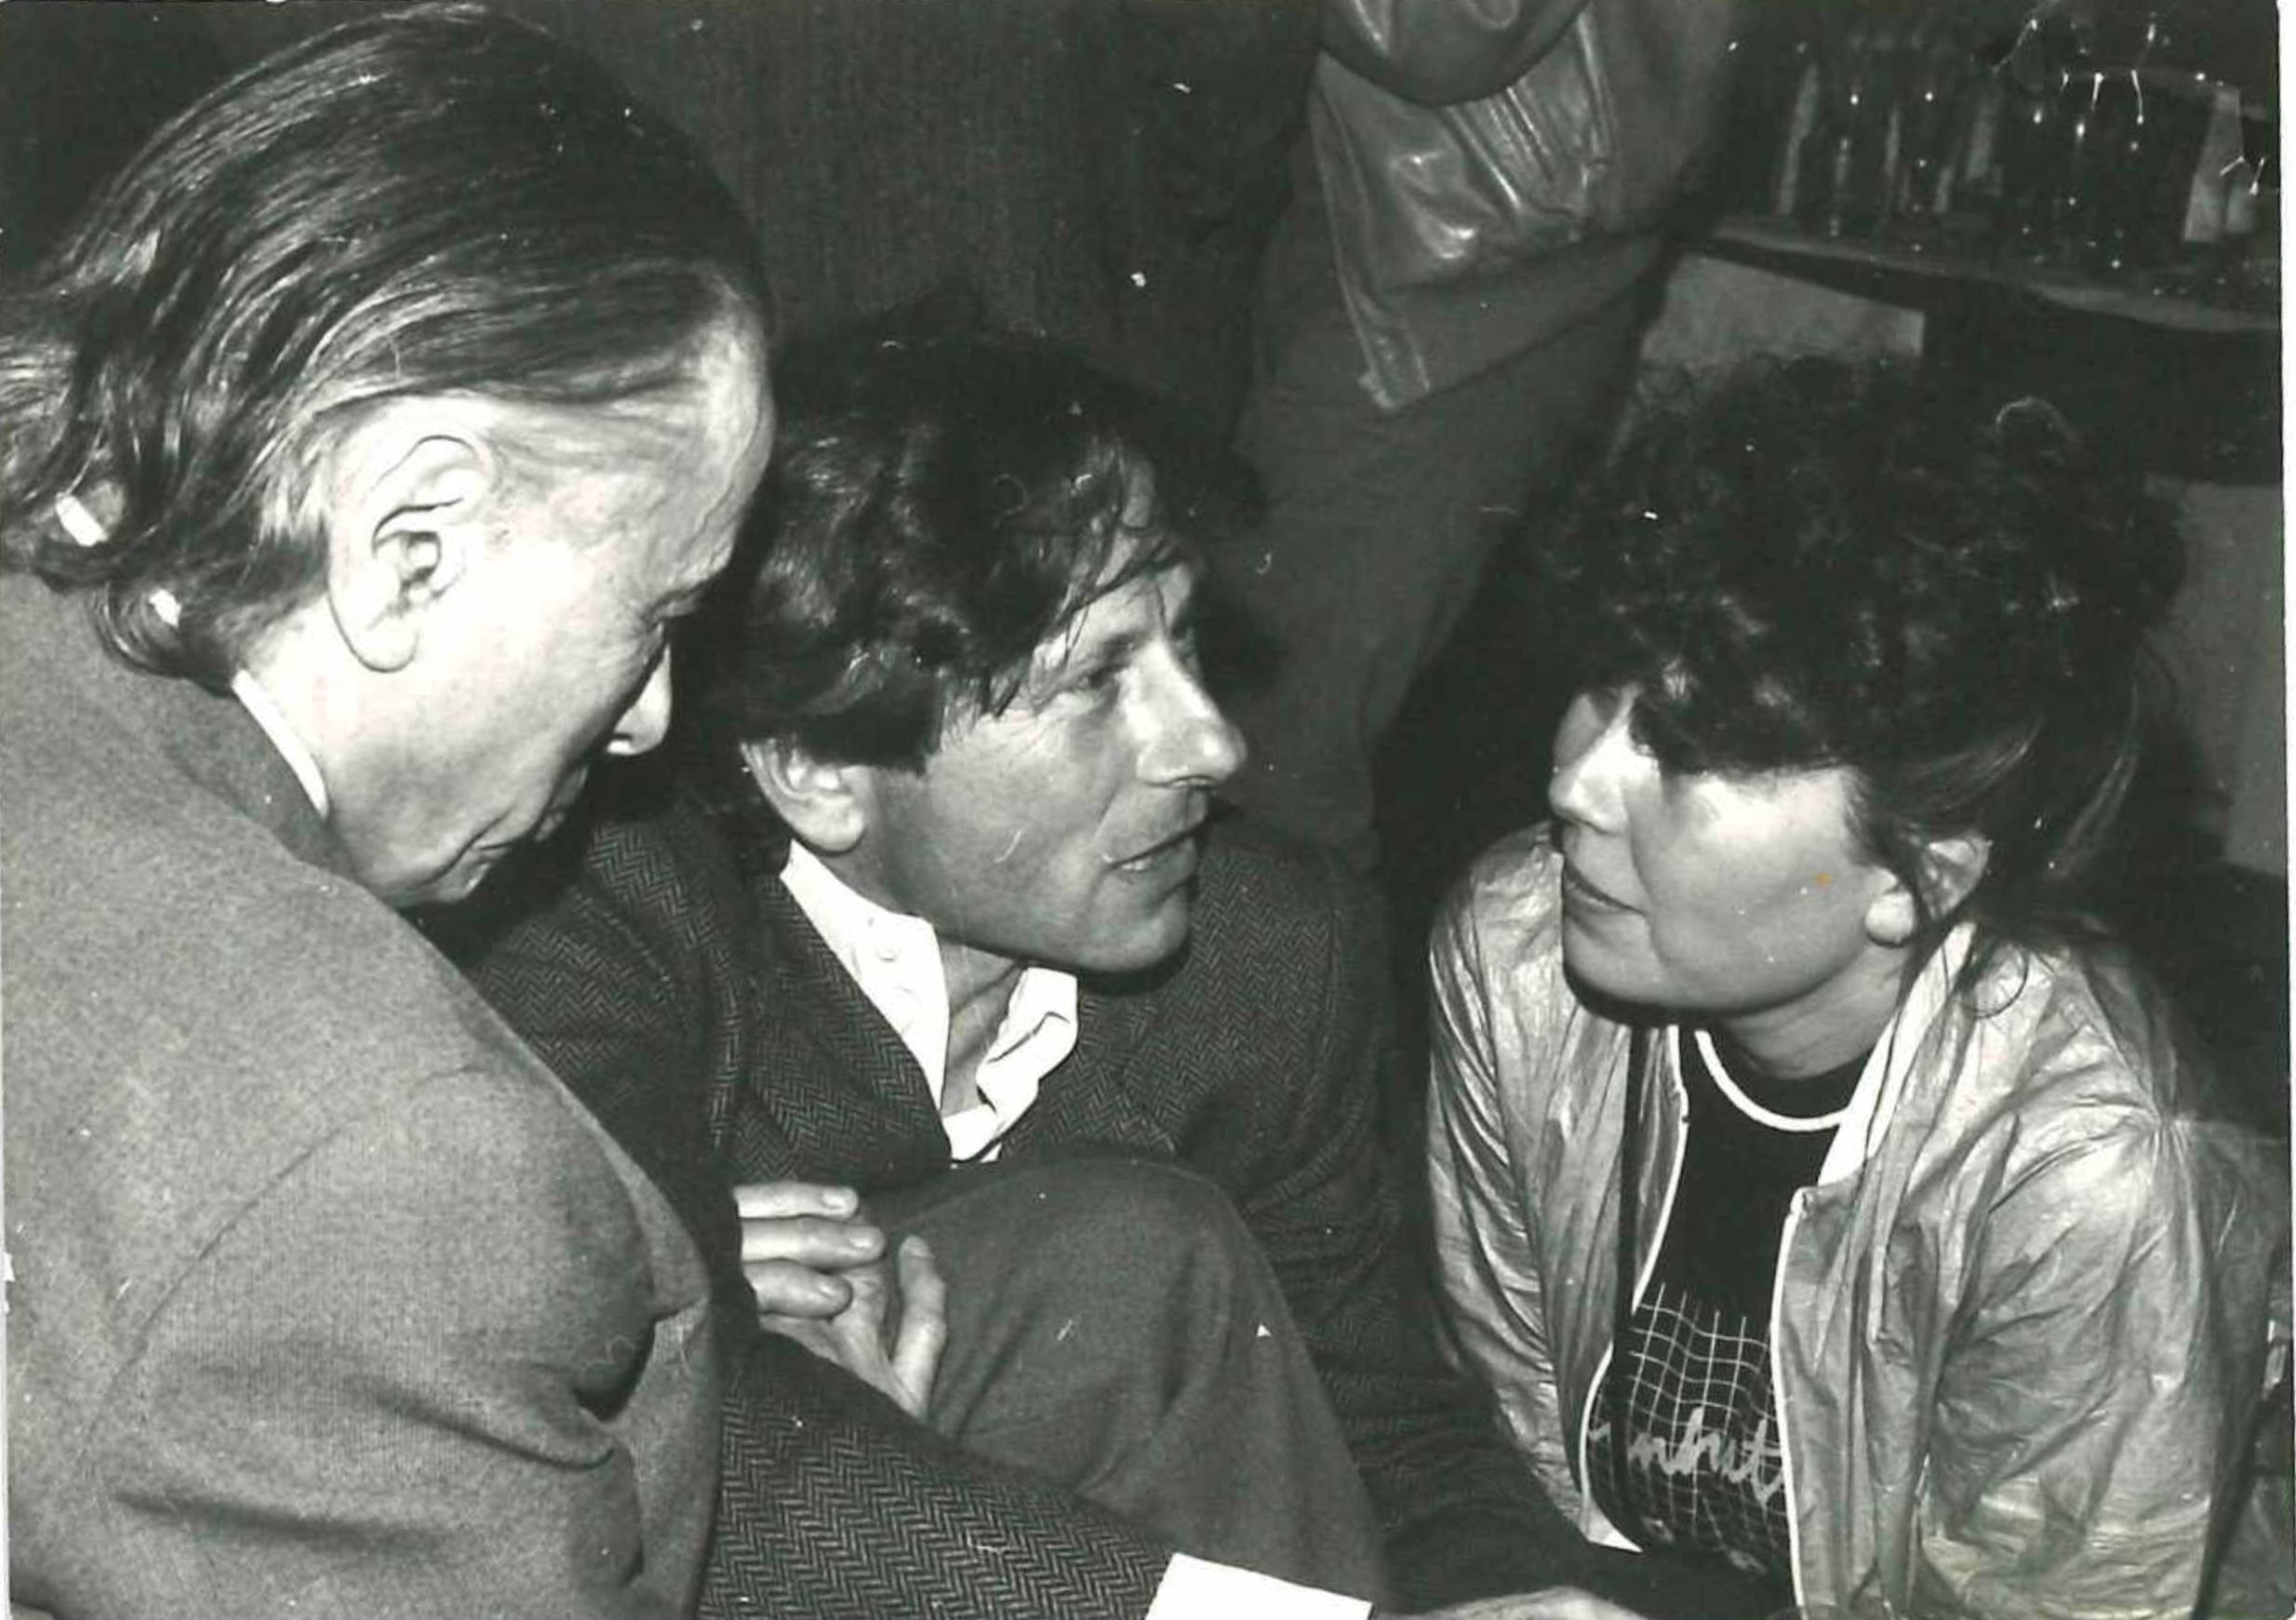 Z Romanem Polańskim, rok 1980 lub 1981 (fot. archiwum prywatne)